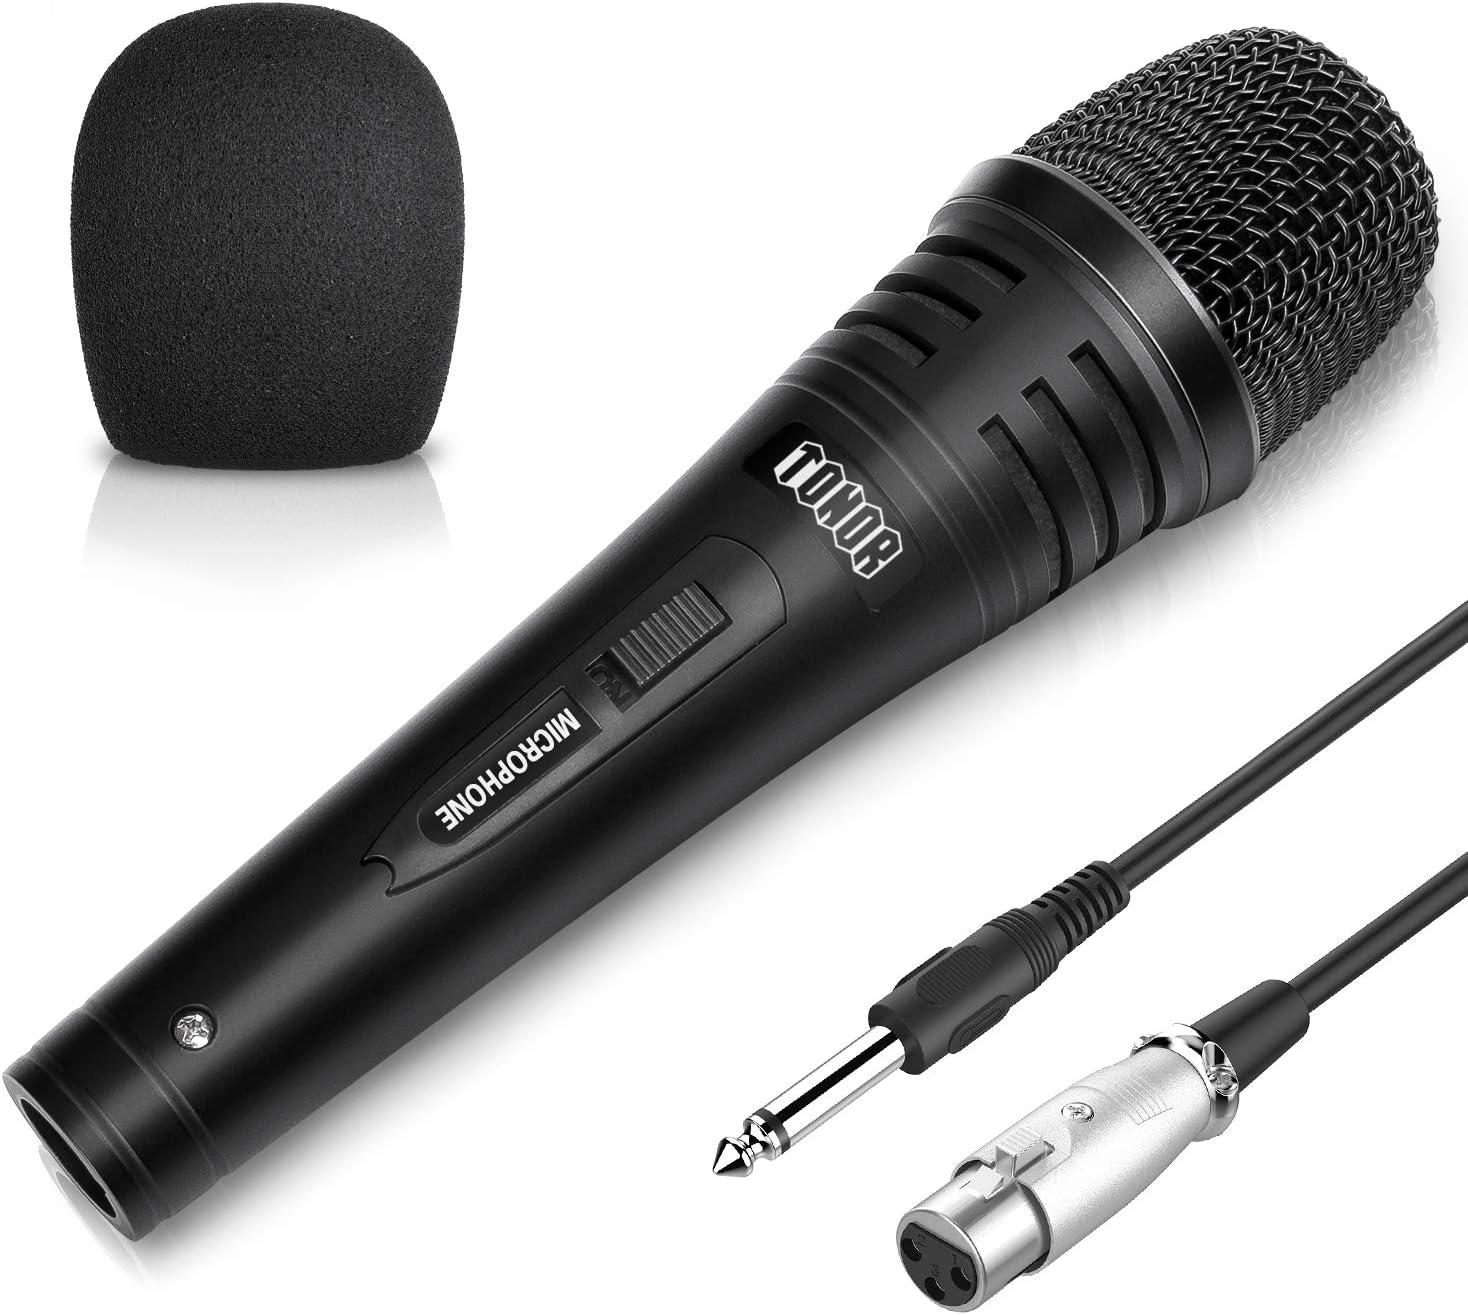 TONOR Micrófono Dinámico Profesional con Cable para DVD/TV/Audio/Reverberador/Mezclador/Autobús Turístico